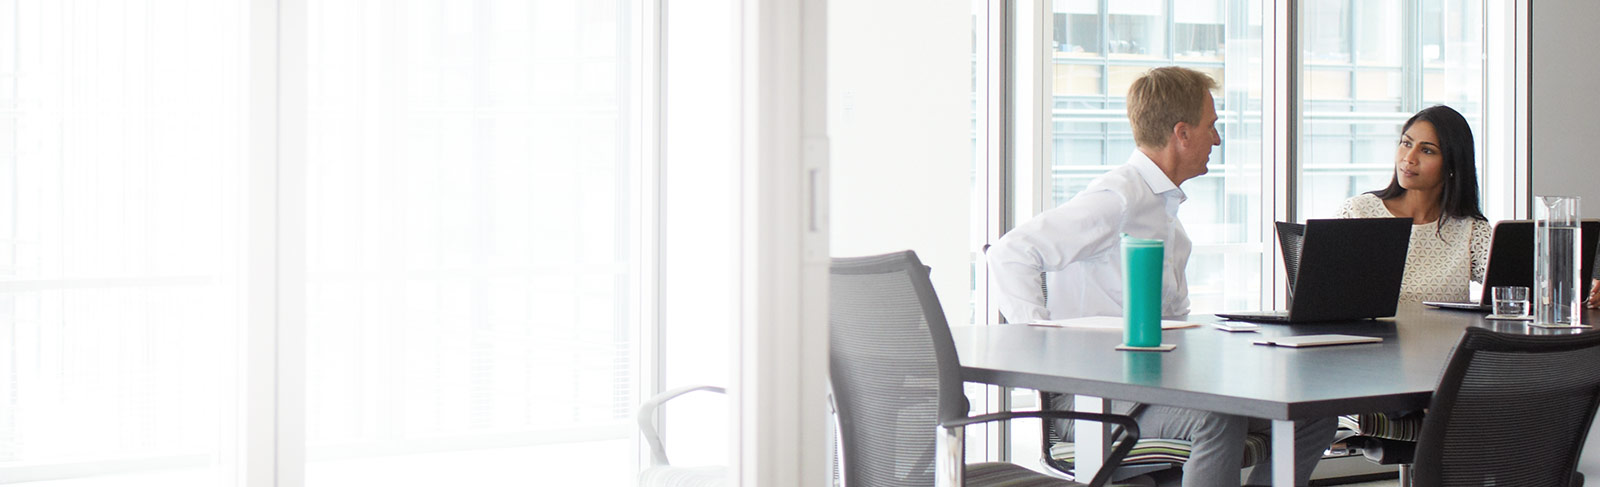 Dua pekerja dengan komputer riba di bilik persidangan menggunakan Office 365 Enterprise E3.